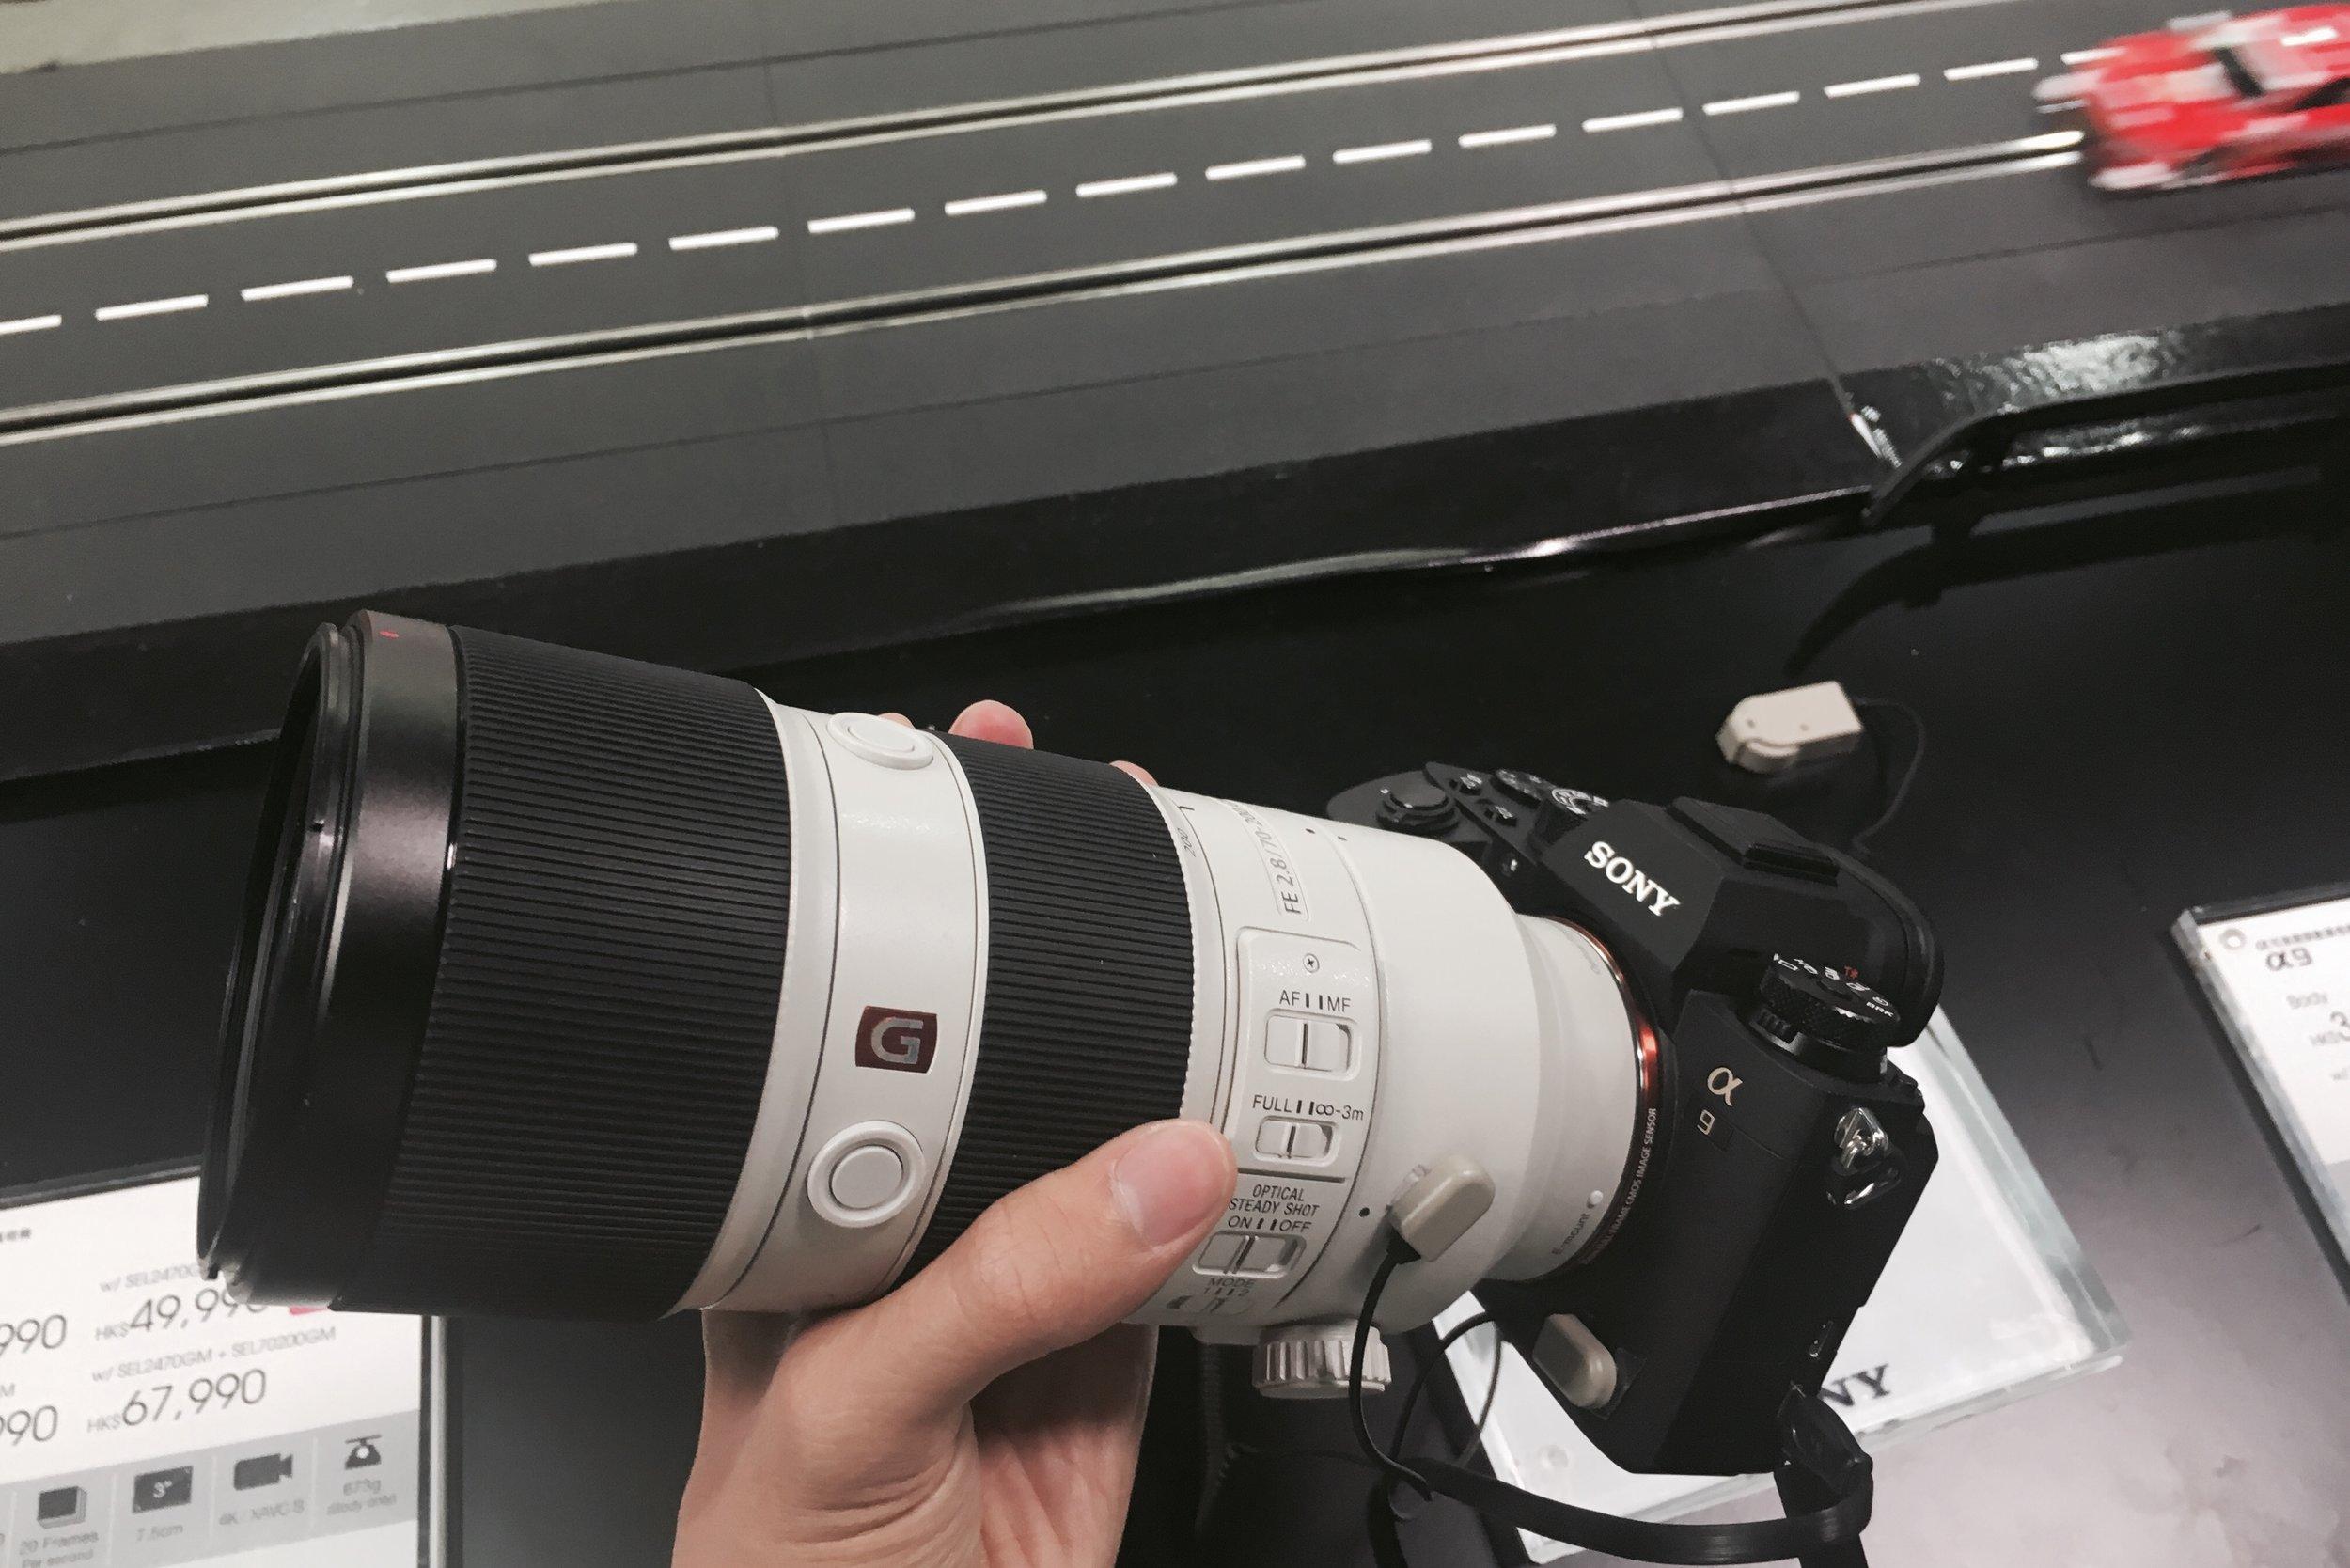 我最期待既畫面就係試玩Sony A9,連埋新鏡Sony FE 100-400mm F4.5-5.6 GM OSS 係幾重手,個 grip 係比 A7 系列大,但係本人手指比較長關係,唔能夠完全包實部機,不過我相信配以直度可以改善問題